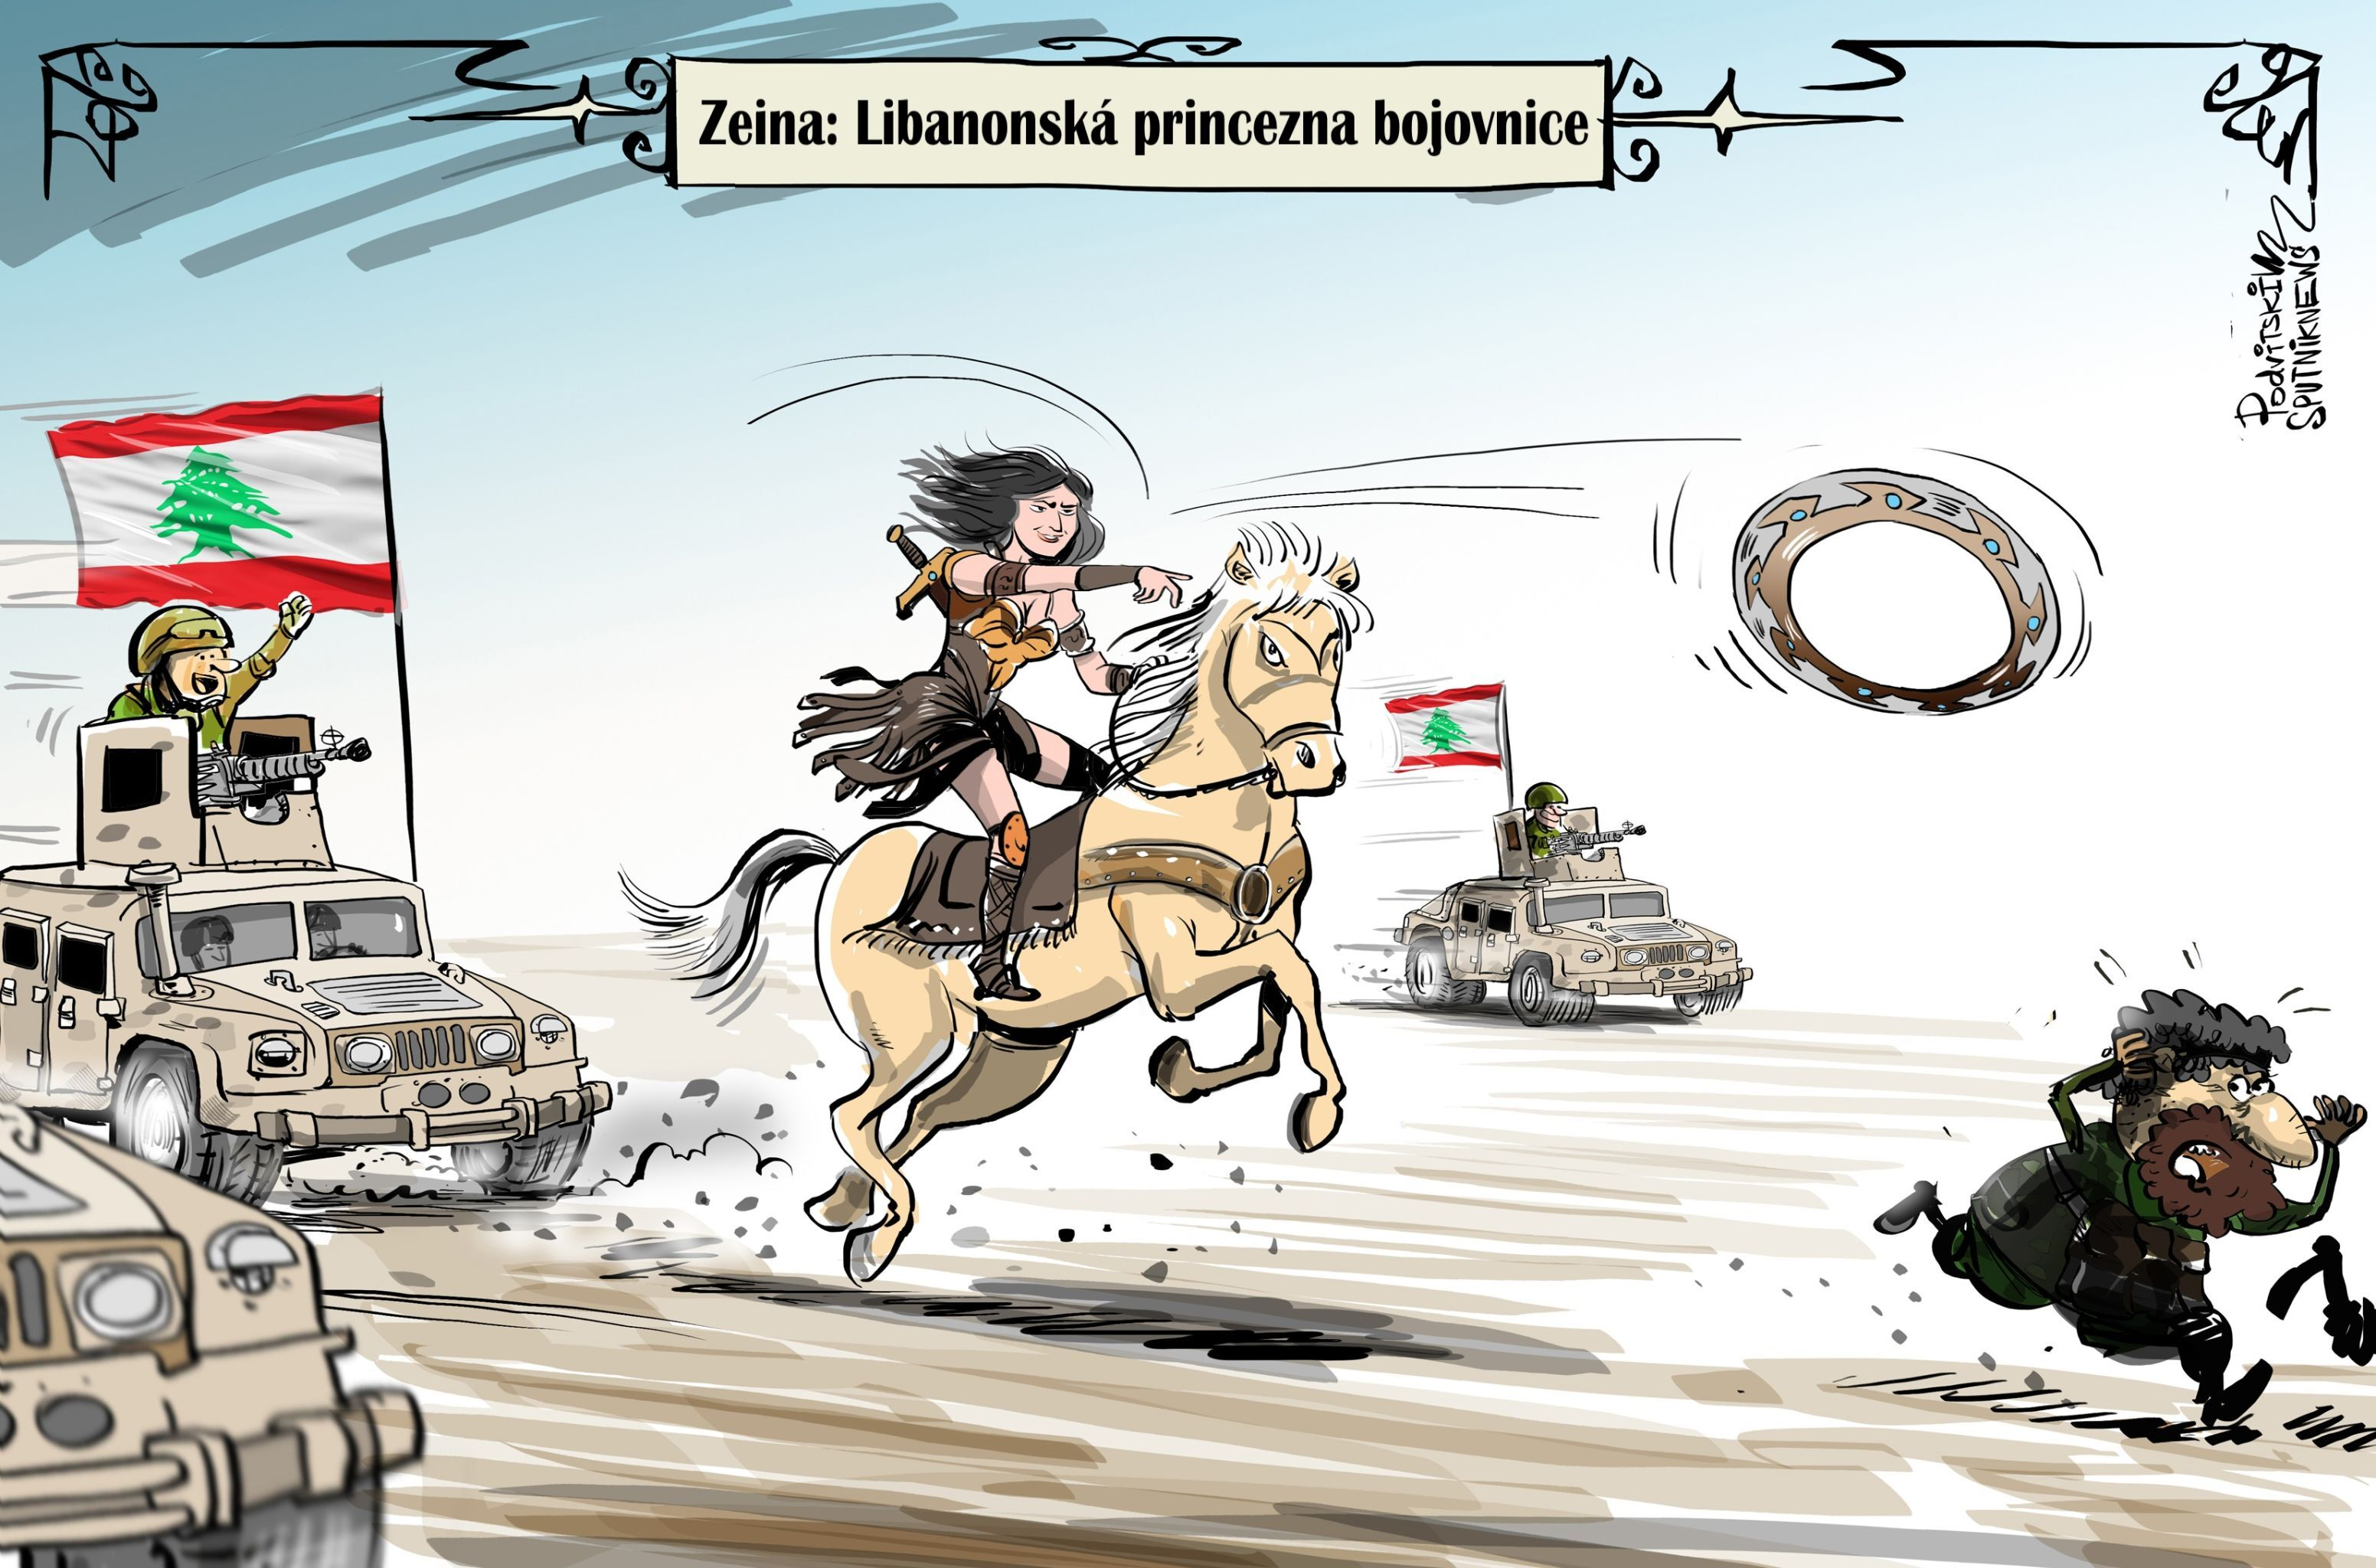 Poprvé v historii arabských států se ministrem obrany stala žena